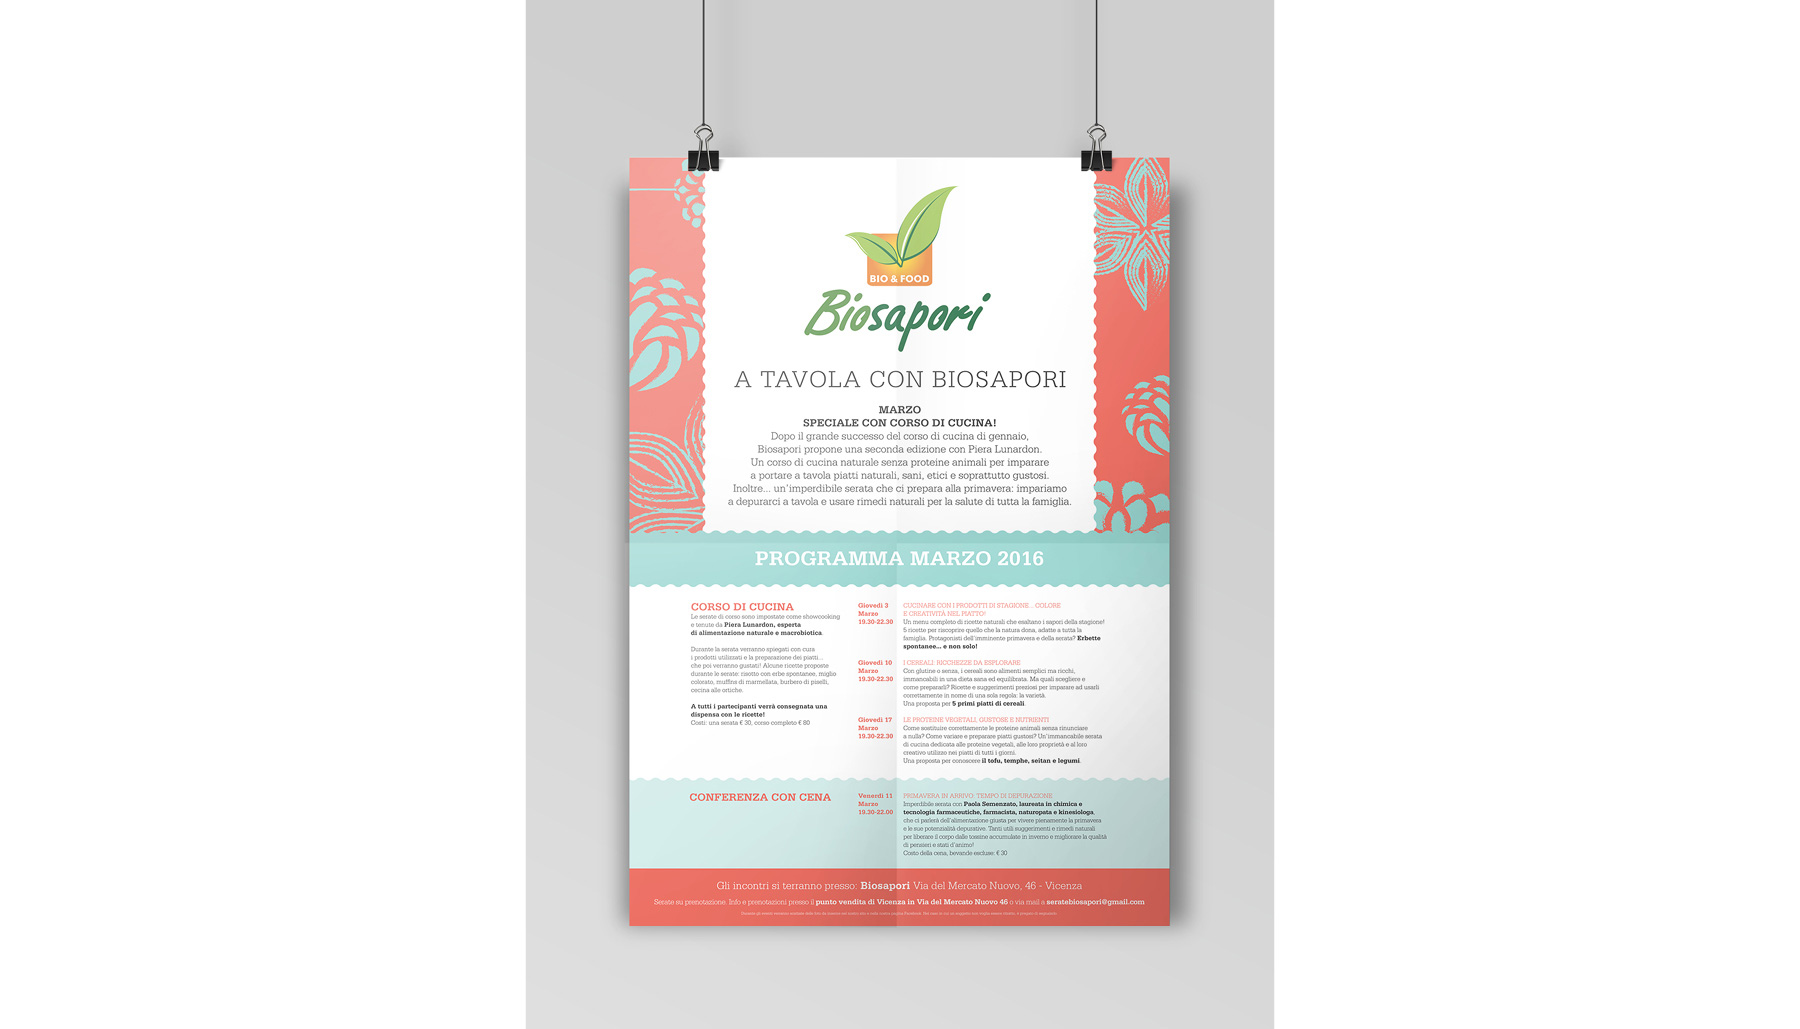 Progettazione grafica poster Biosapori | Kora Comunicazione